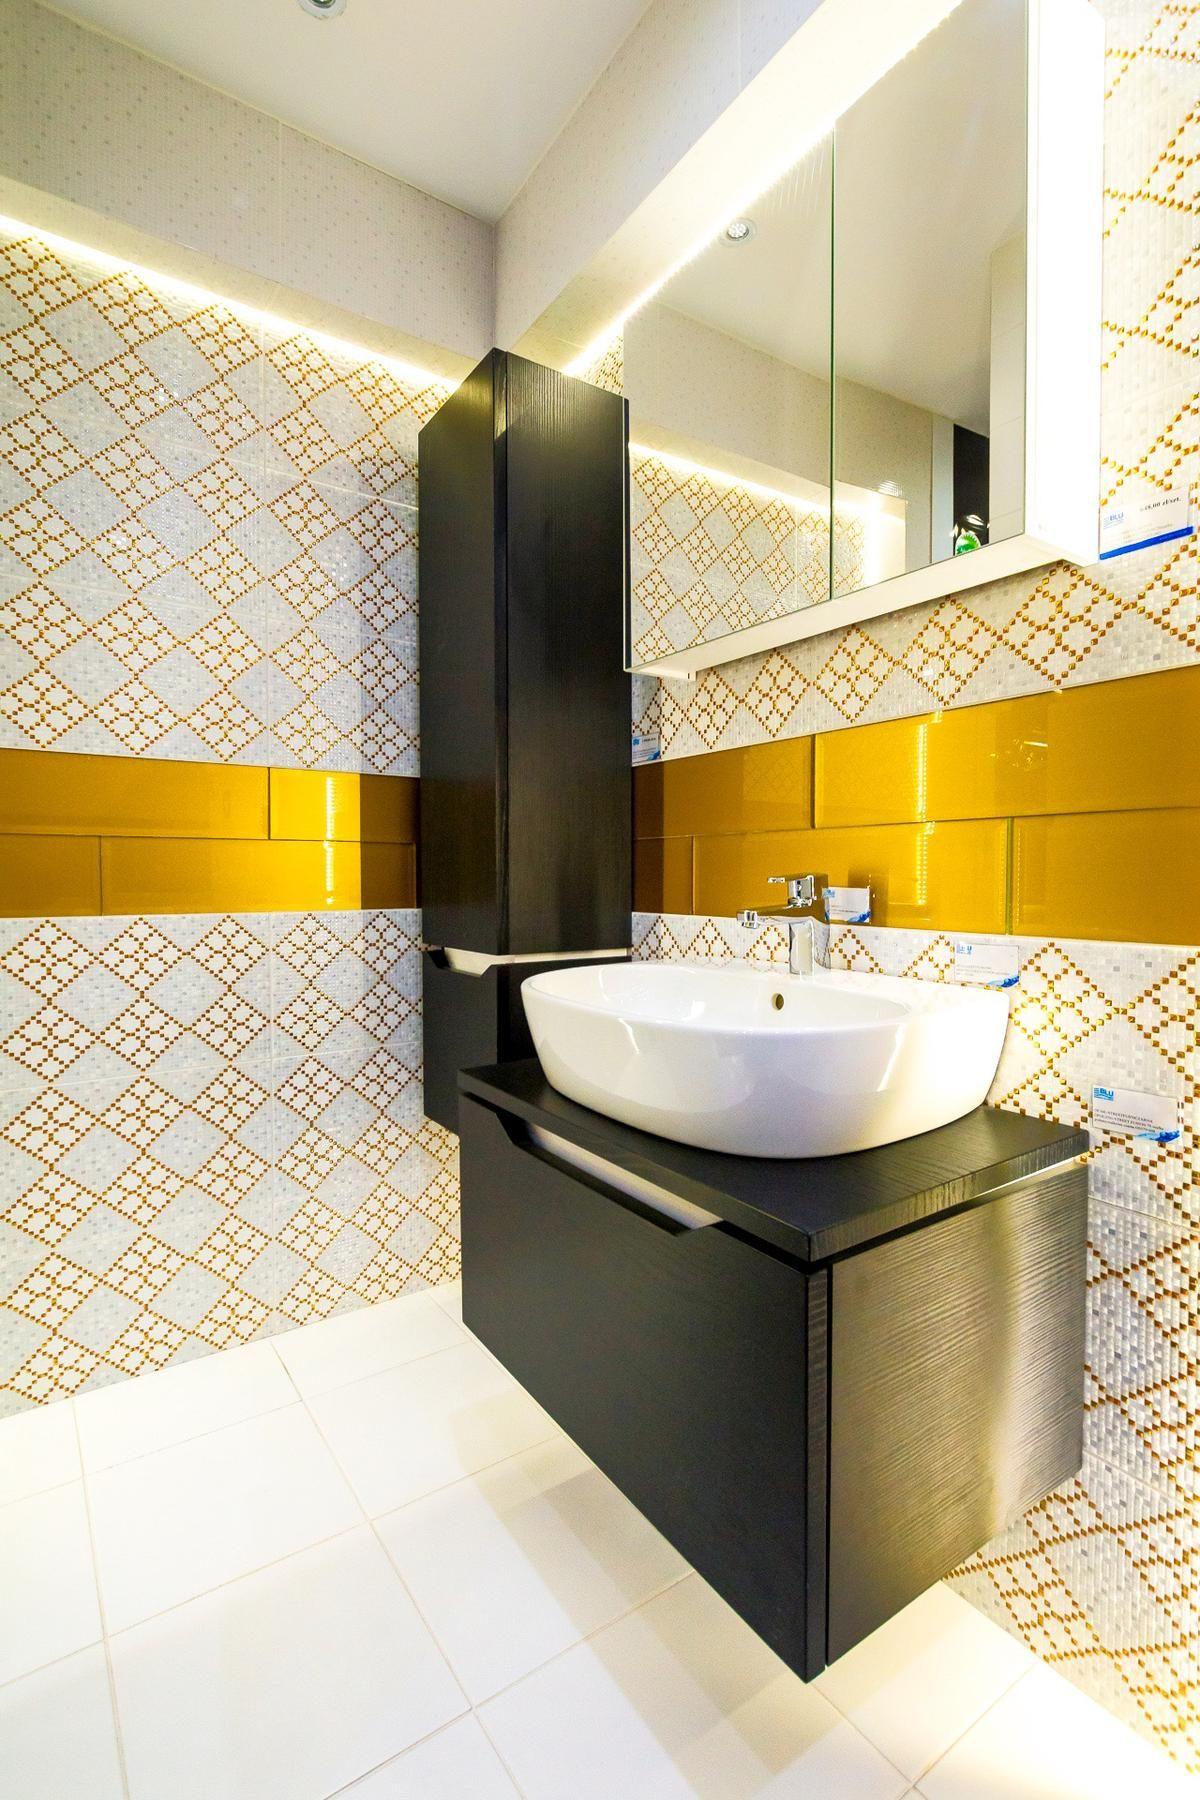 Płytki łazienkowe Opoczno Wzorzysta Elegancja Zdjęcie Od